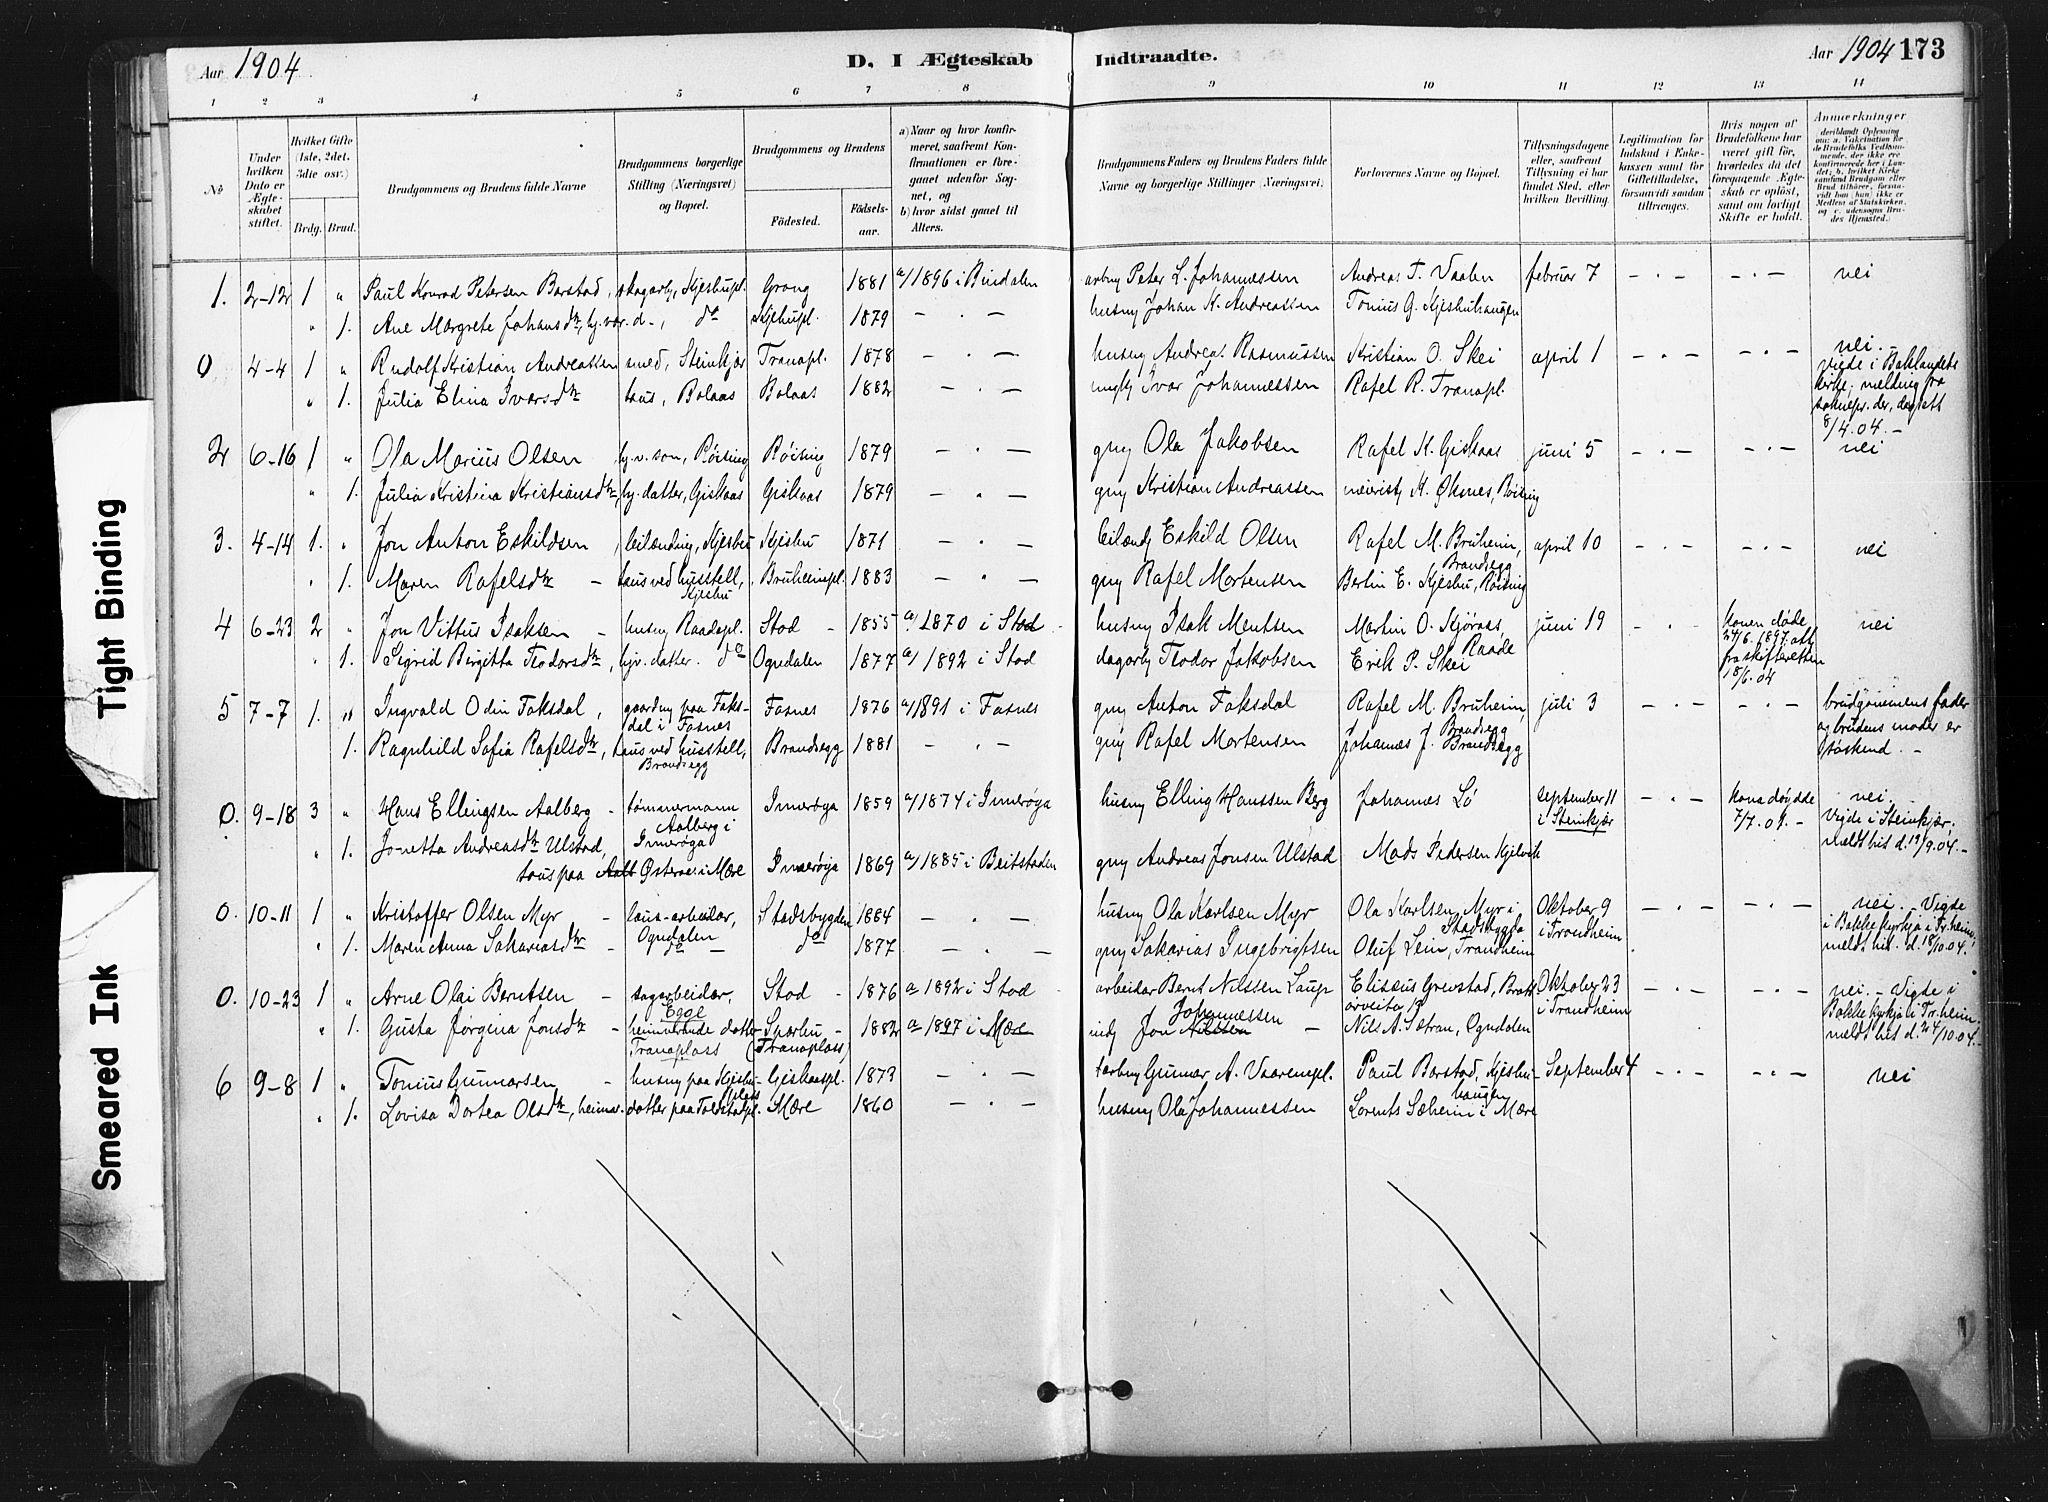 SAT, Ministerialprotokoller, klokkerbøker og fødselsregistre - Nord-Trøndelag, 736/L0361: Ministerialbok nr. 736A01, 1884-1906, s. 173